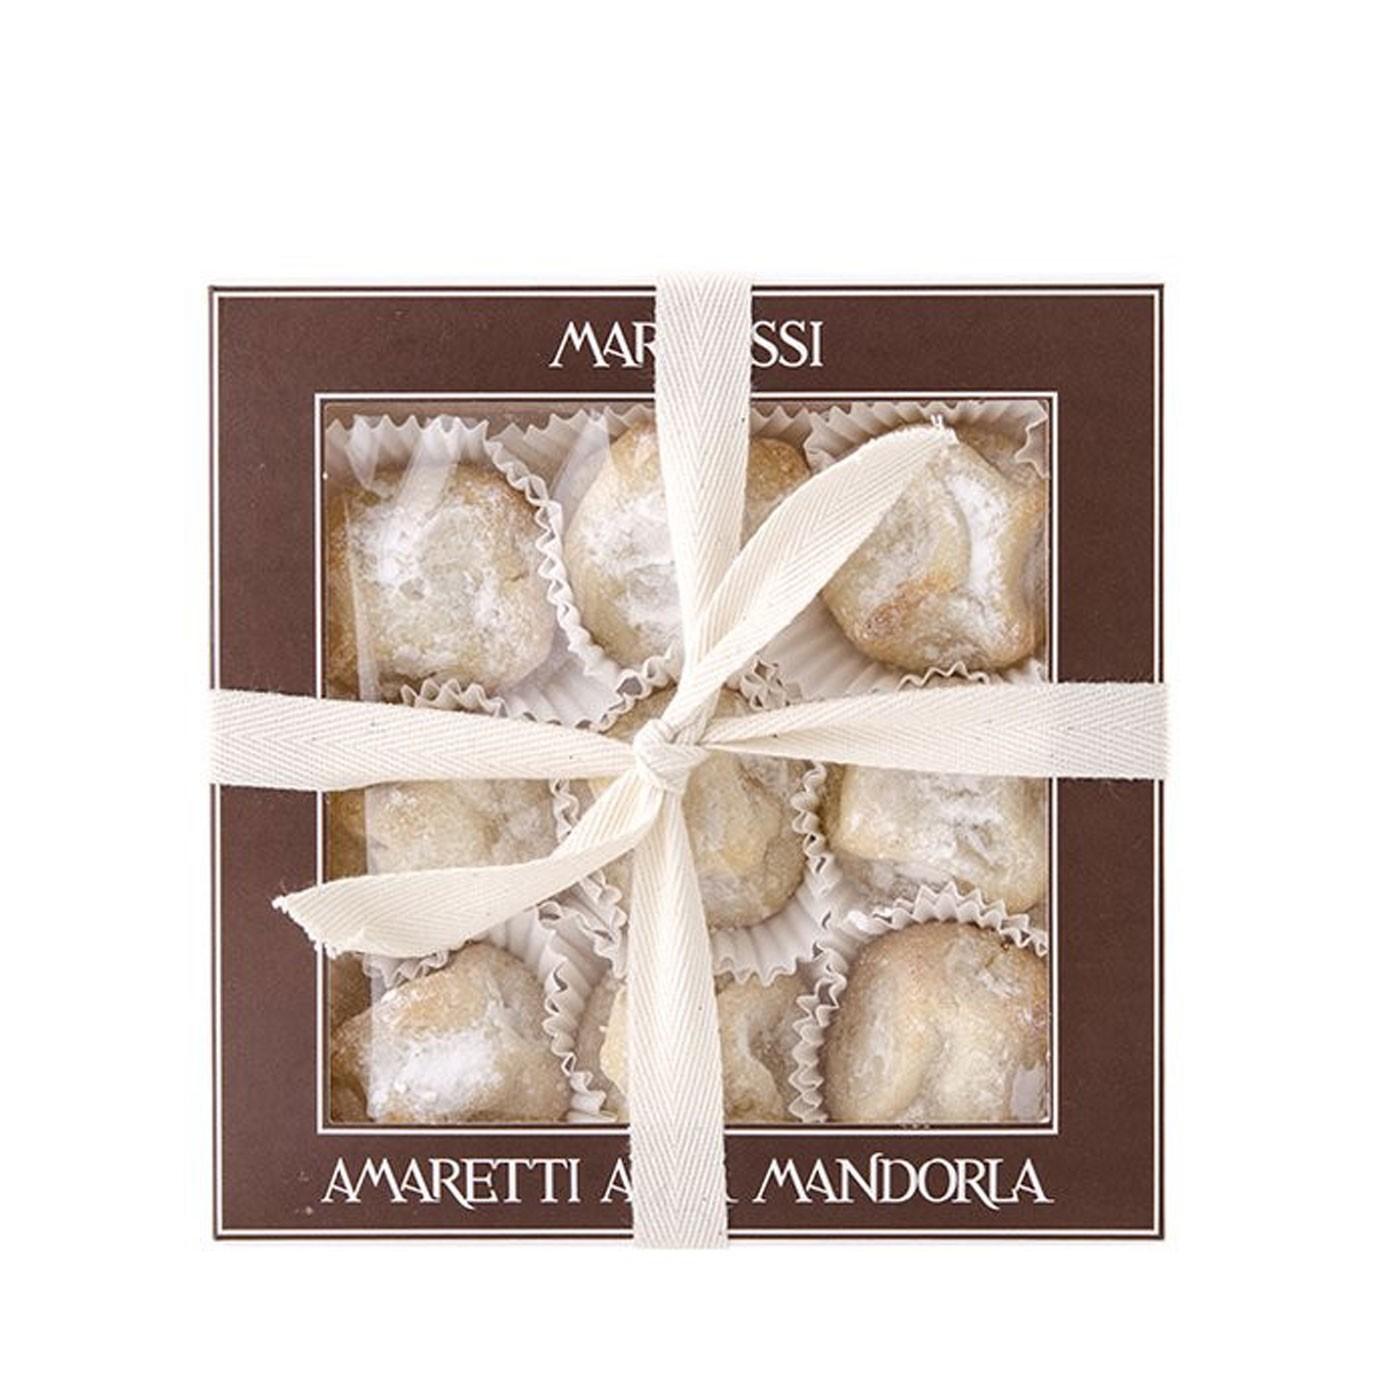 Classic Amaretti Cookies 6.7 oz - Marabissi  Eataly.com